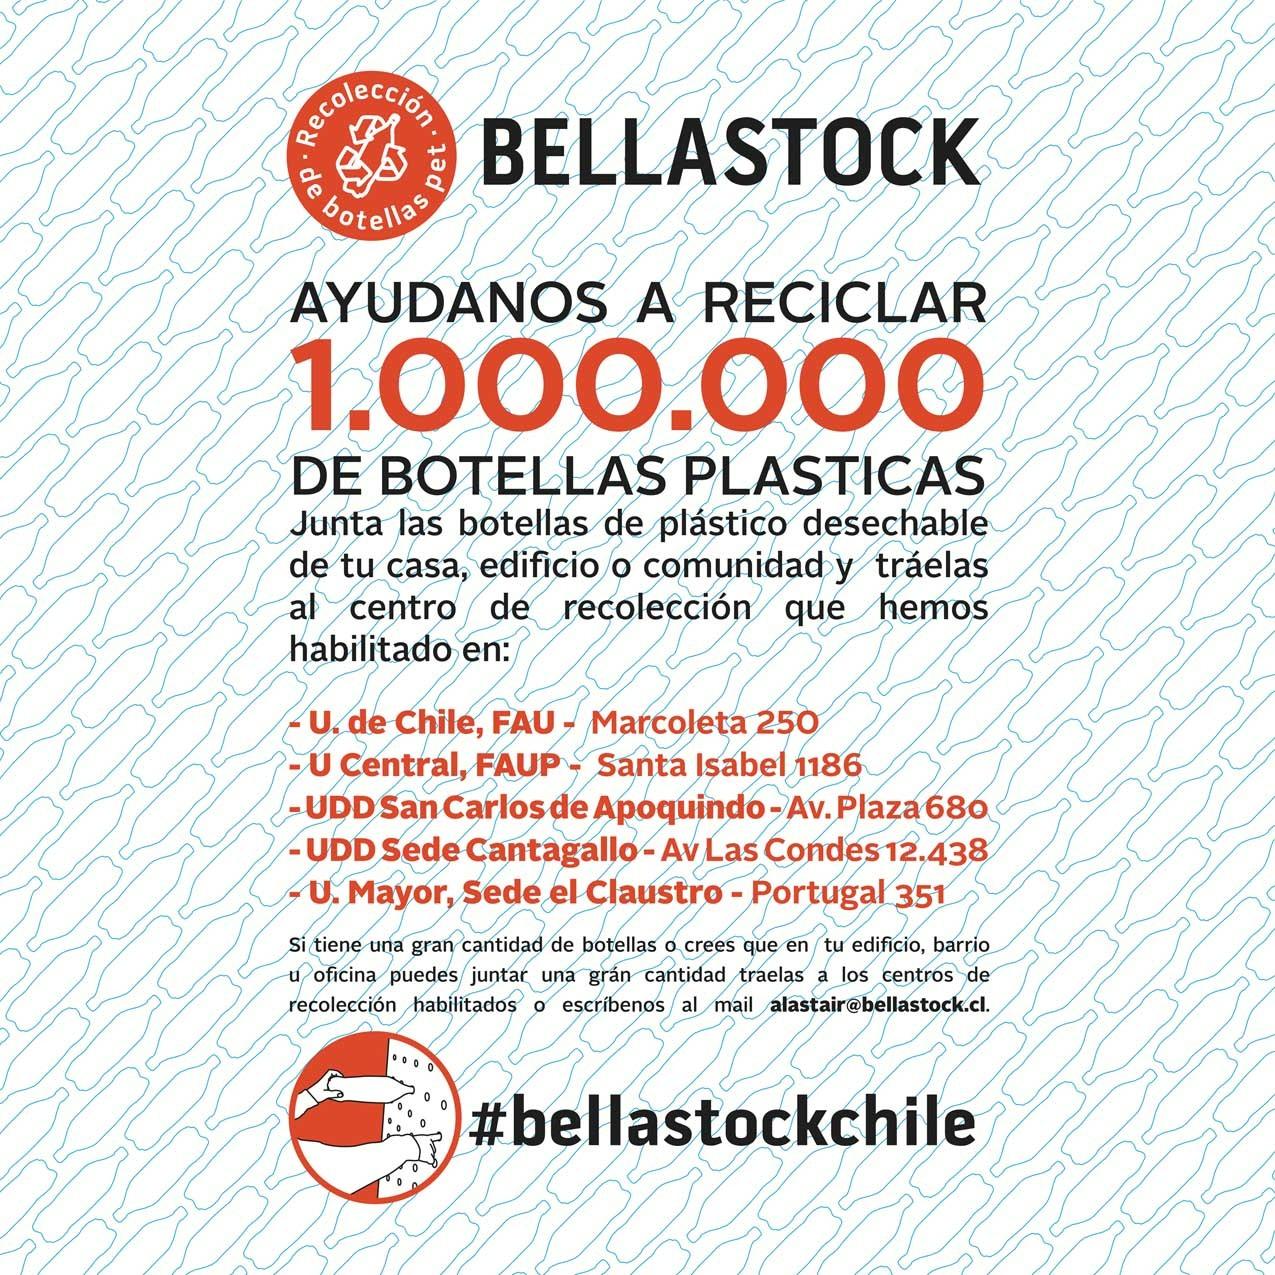 ¡Bellastock Chile ha iniciado el Proceso de Recolección de botellas para el Primer Festival de Reciclaje en Chile! , Courtesy of Bellastock